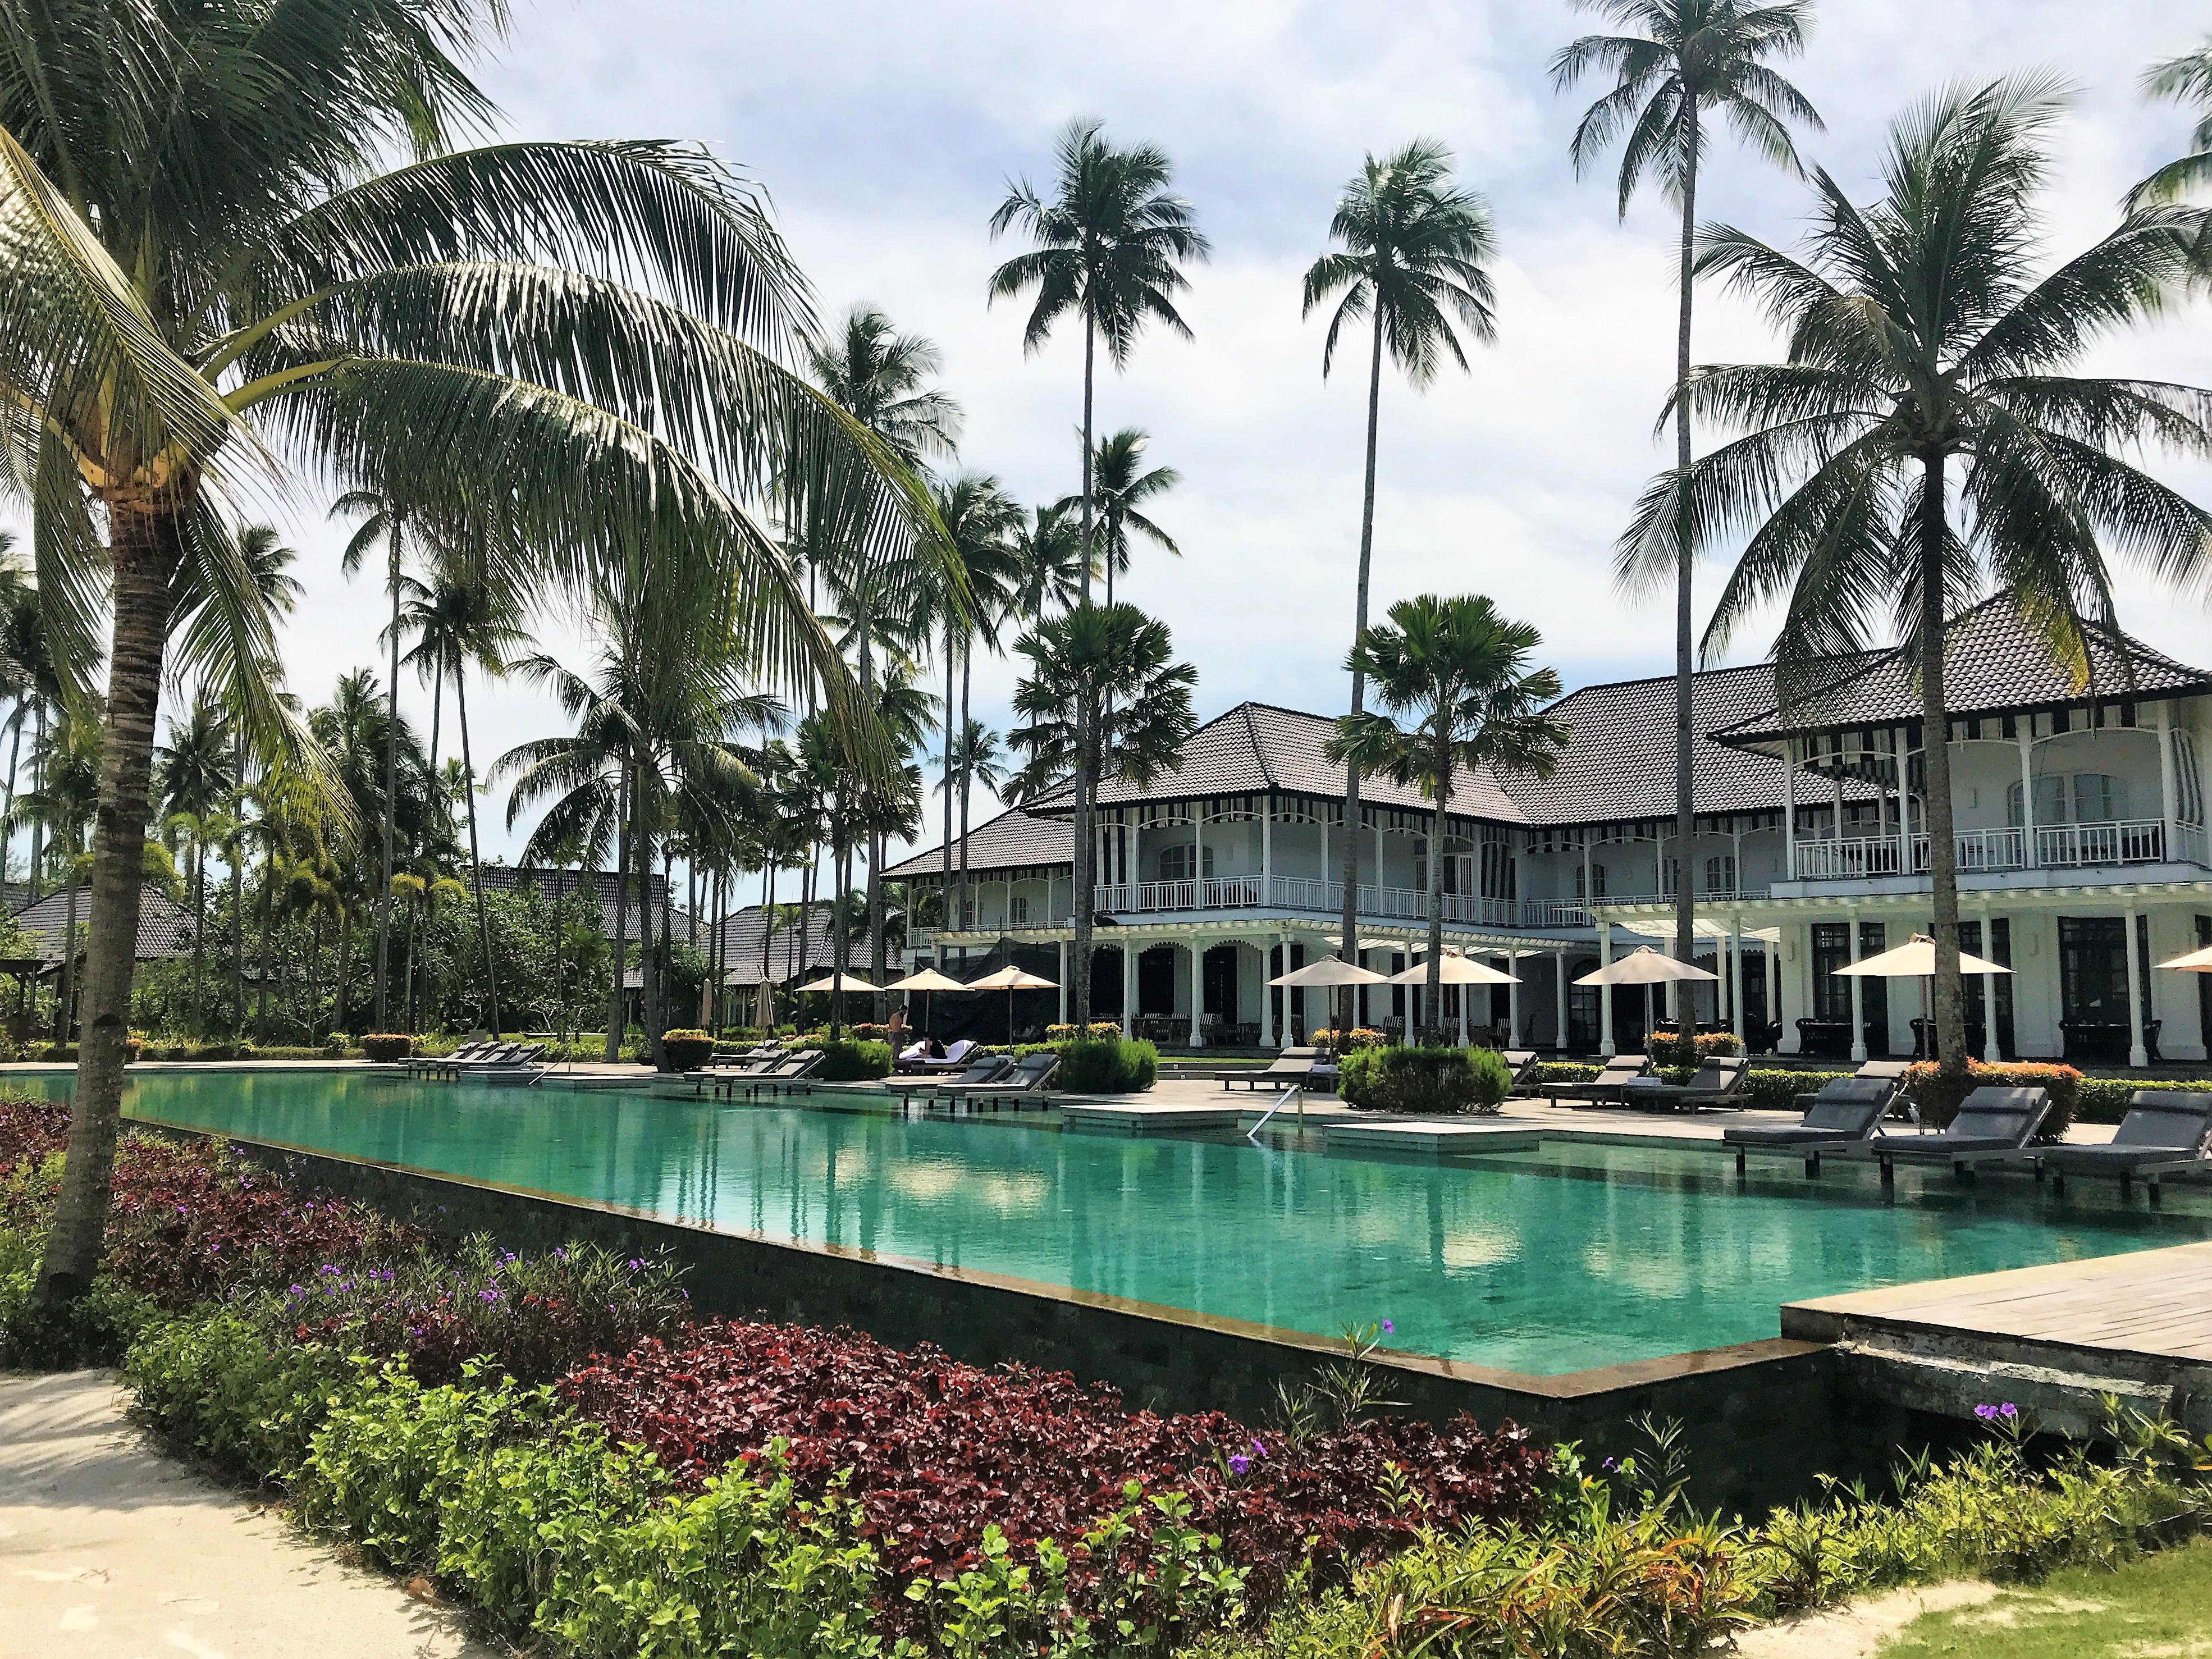 The Sanchaya review pool